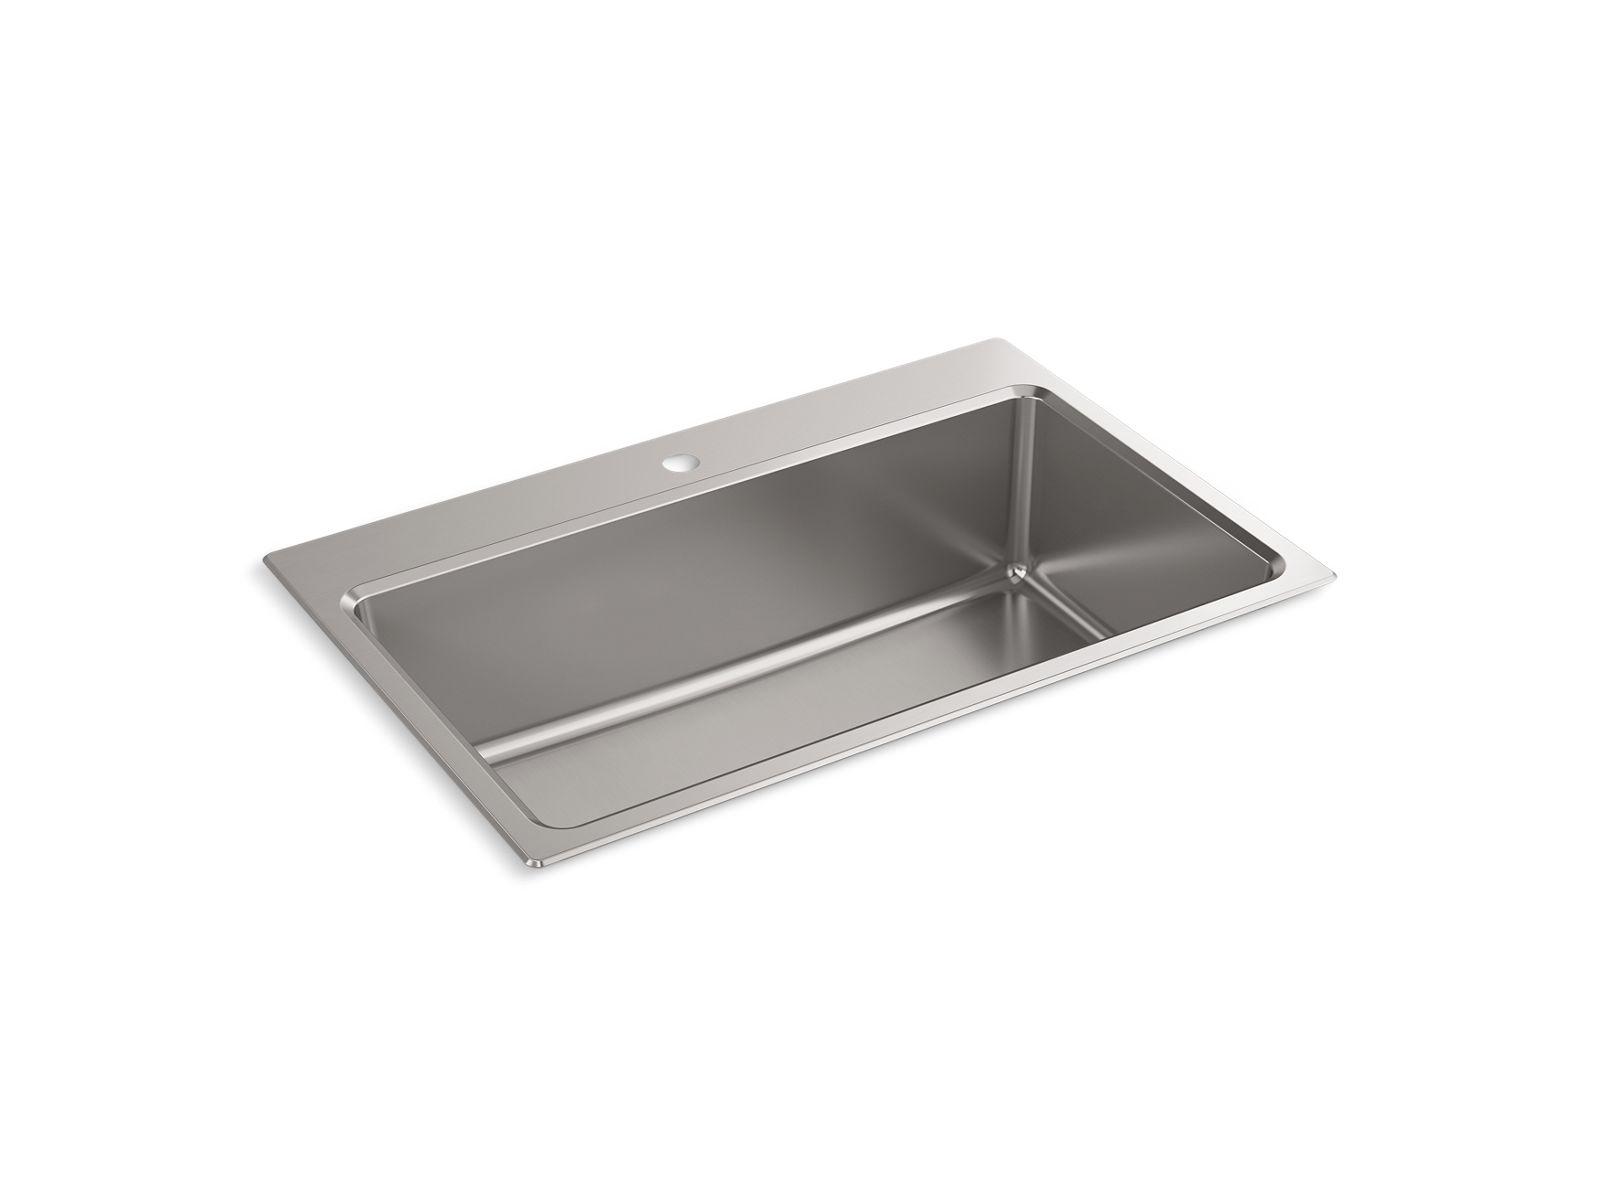 prologue top mount undermount kitchen sink k r31466 1 kohler kohler